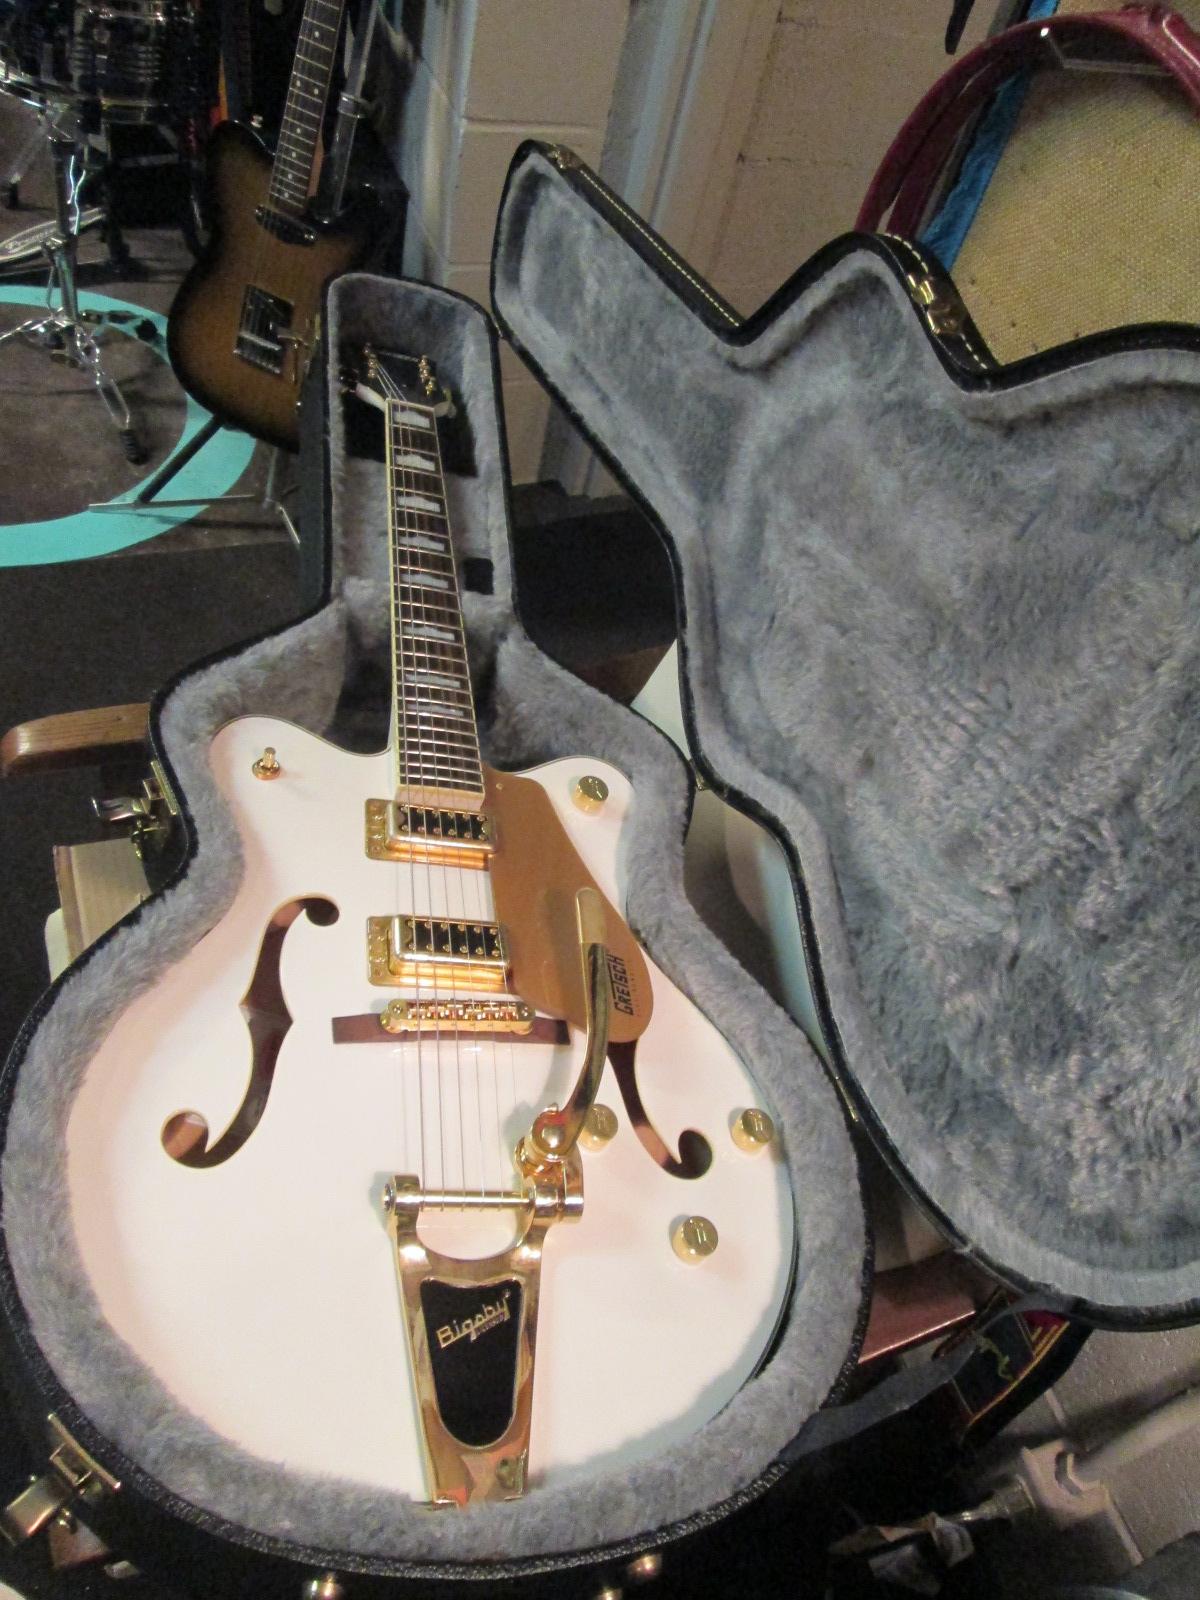 2009 Lyon LI15 Electric Guitar Bridge Original Chrome String Saddle